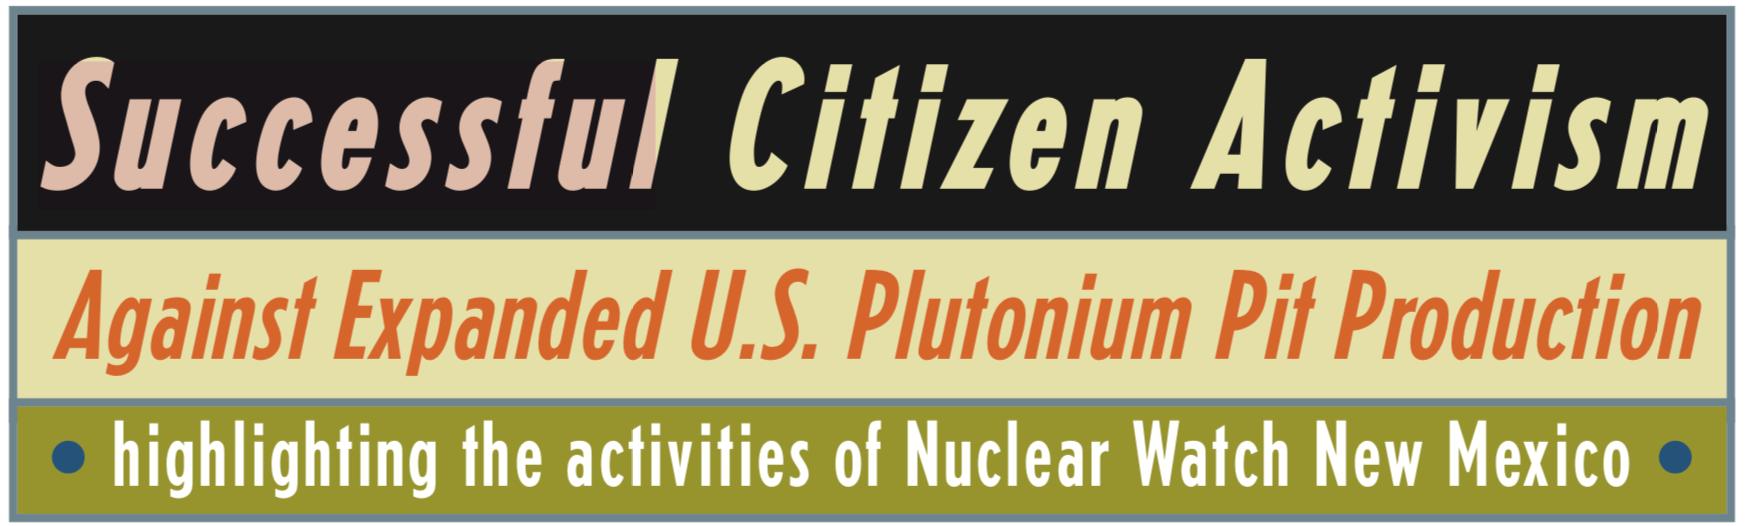 Successful Citizen Activism Agains Expanded U.S. Plutonium Pit Production